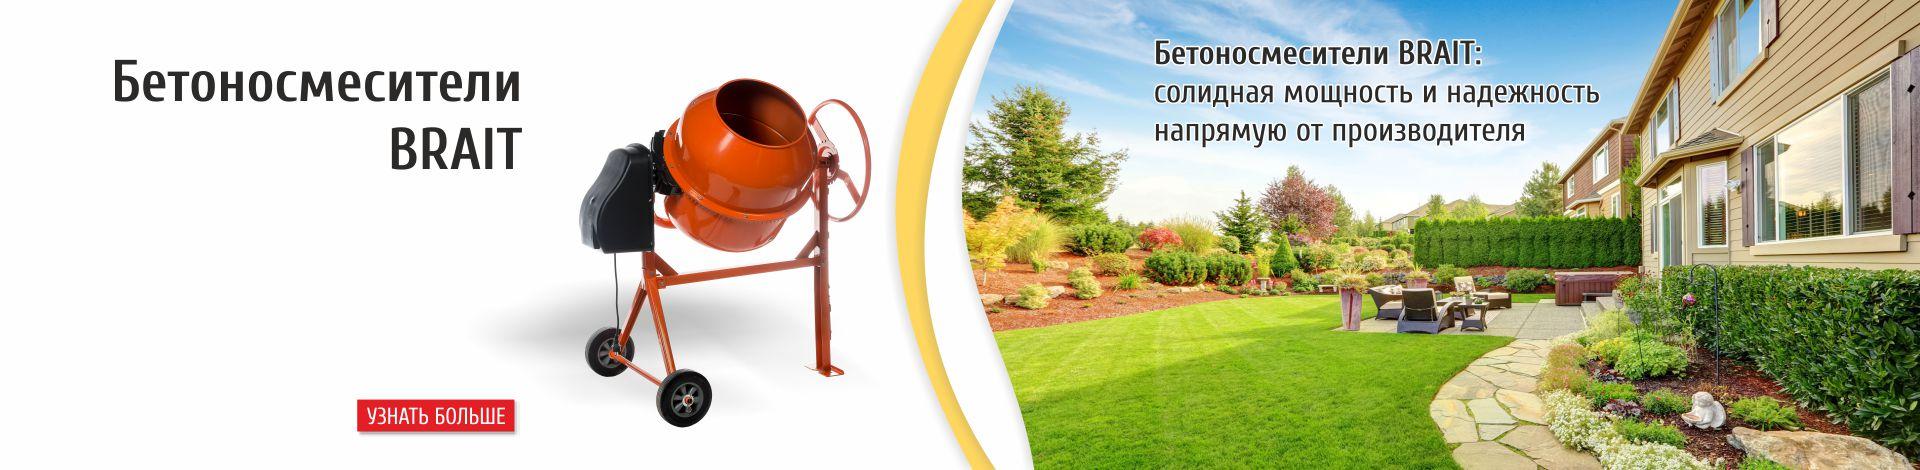 Garden benzobur - 5 best models